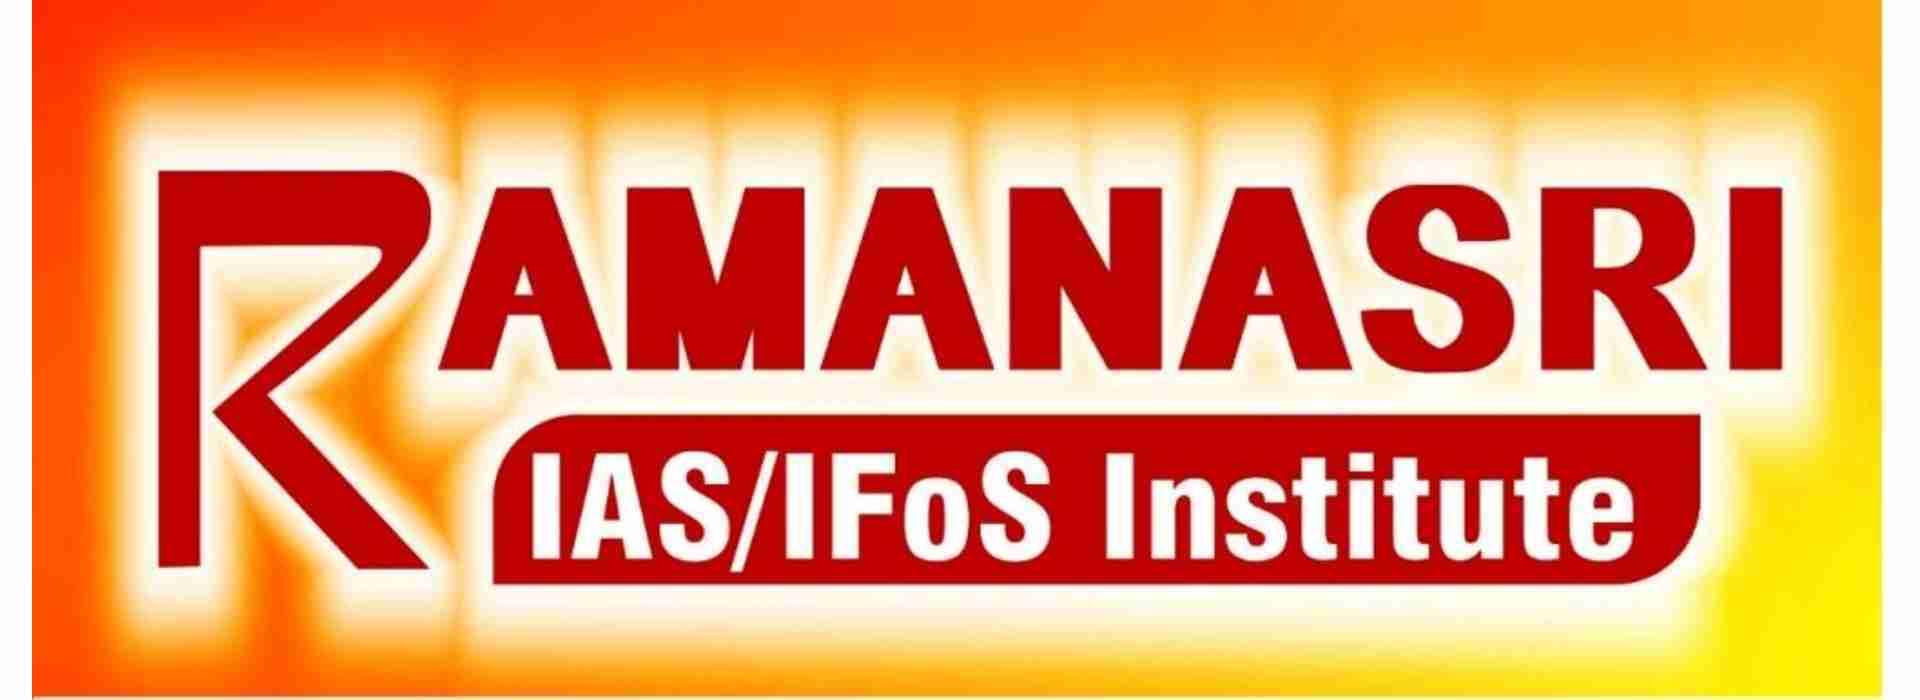 Ramanasri_IAS_Logo_Banner